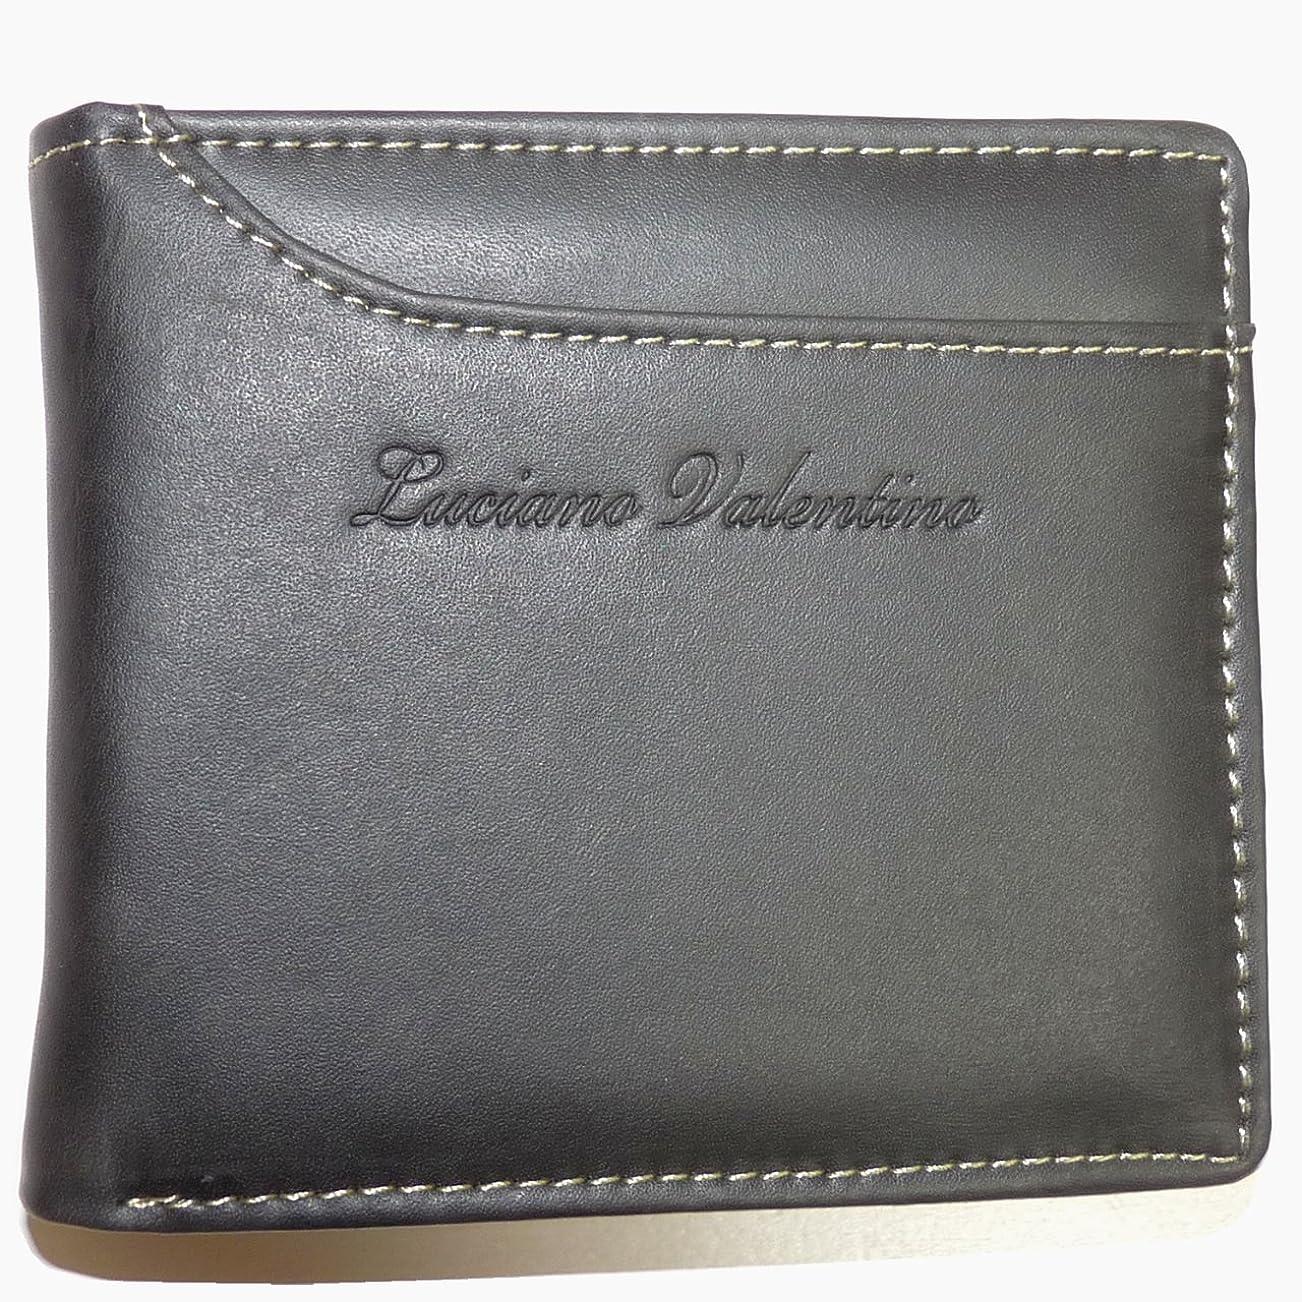 傷つきやすいだます感心する[LUCIANO VALENTINO ルチアーノバレンチノ] かっこいい大人のカードスライダー短財布 (スムースレザー LUV-2005) (ブラック)